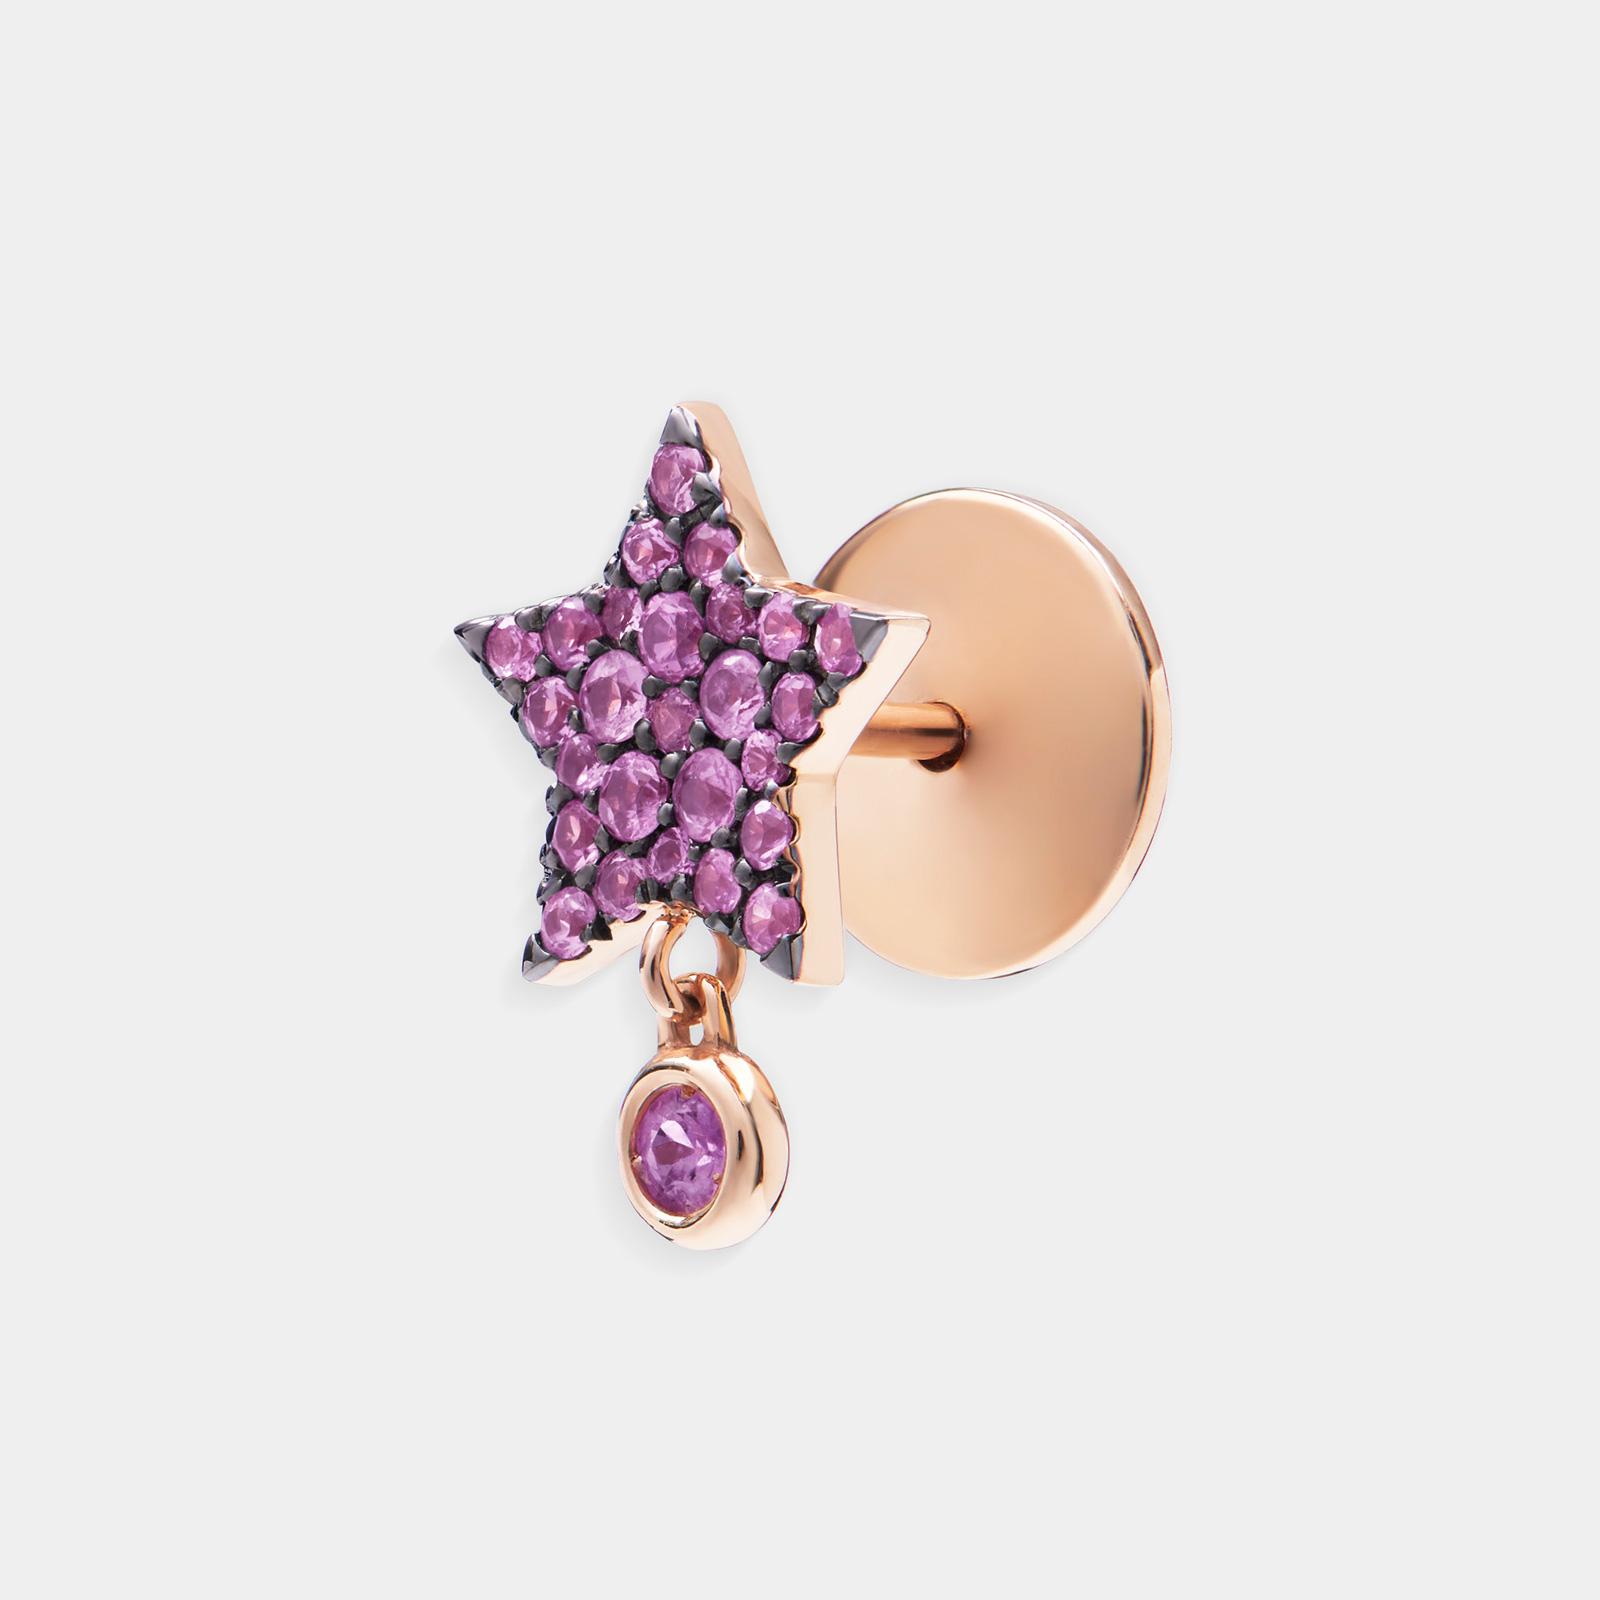 Mono Orecchino a stella in oro rosa e zaffiri rosa - Rosanna Cattolico gioielli